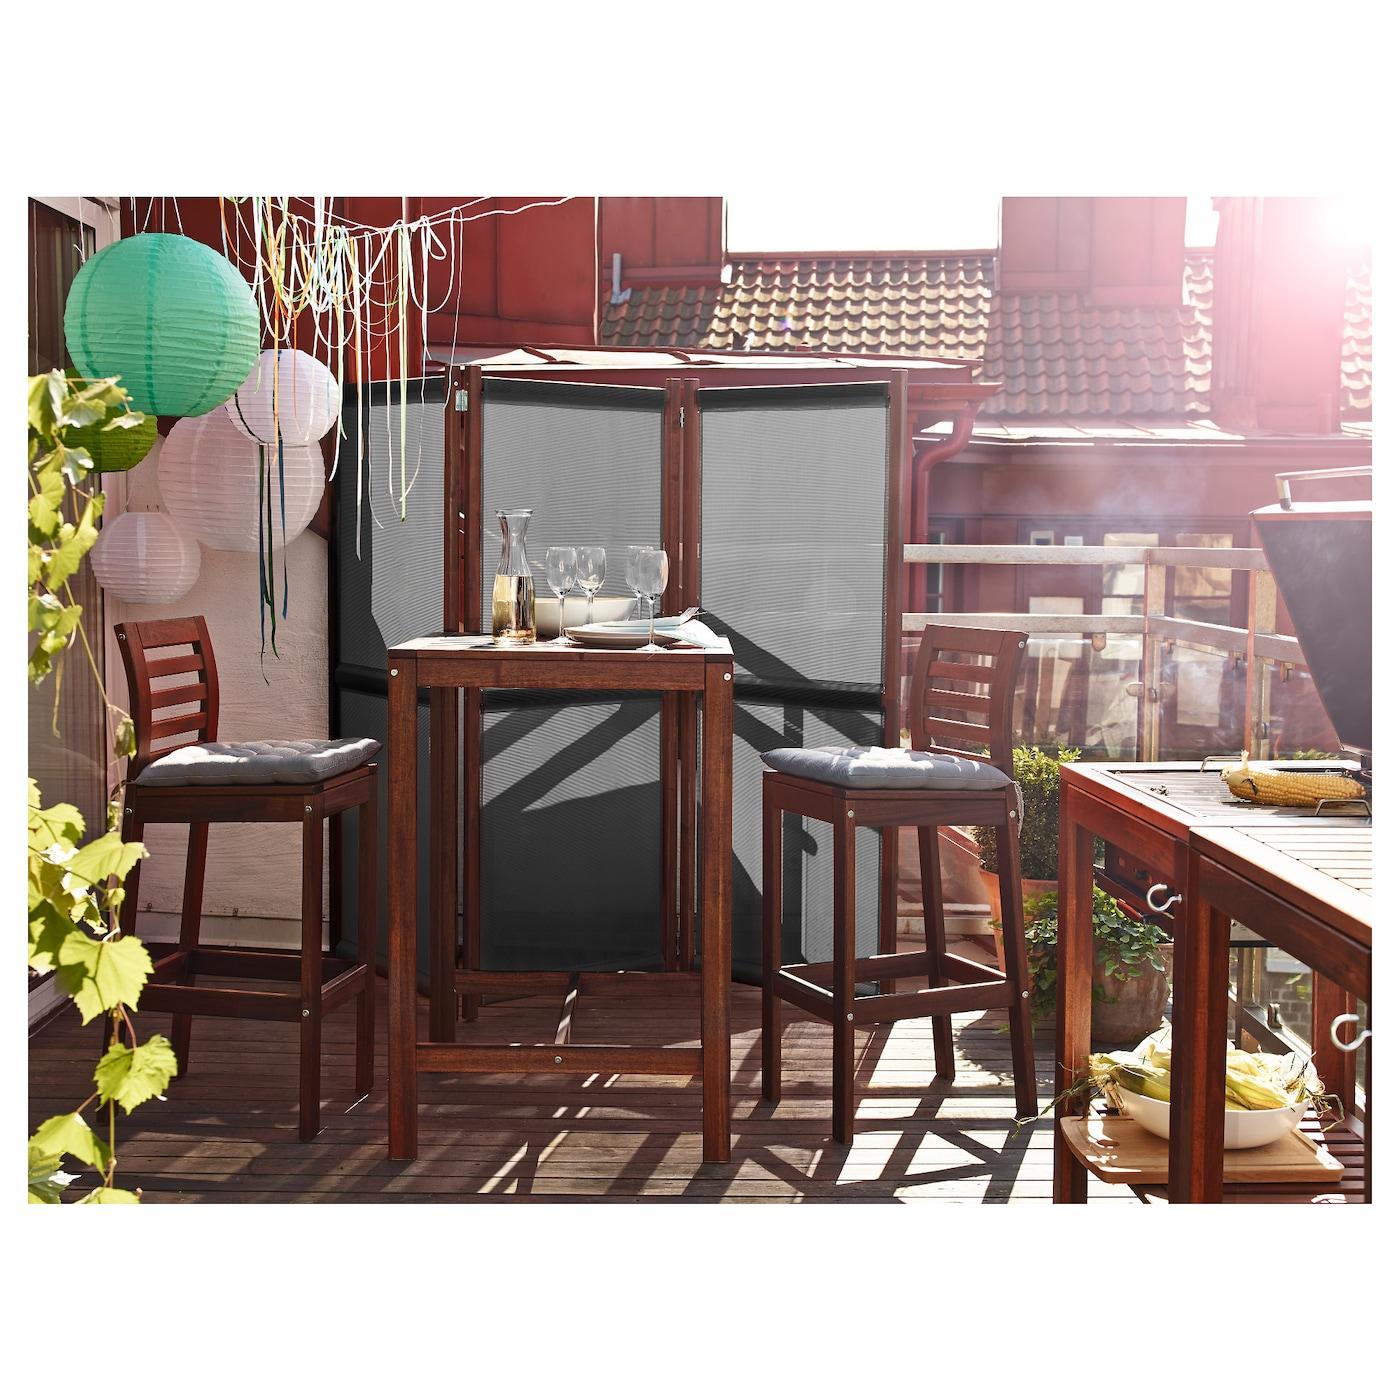 Full Size of Garten Paravent Betten Ikea 160x200 Bei Sofa Mit Schlaffunktion Küche Kosten Kaufen Modulküche Miniküche Wohnzimmer Paravent Balkon Ikea